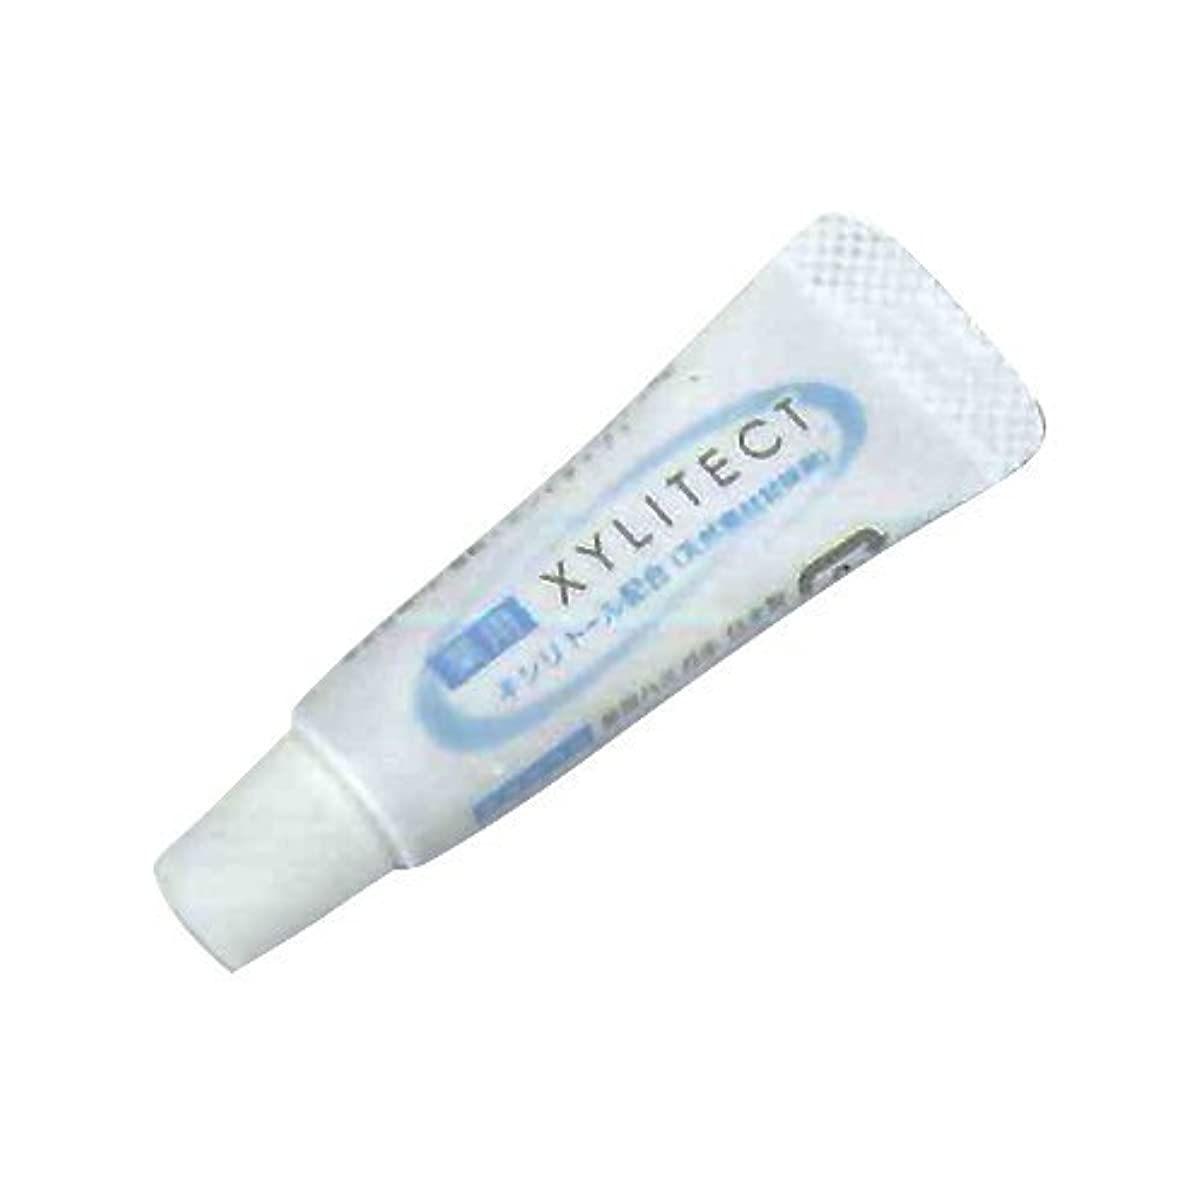 鉛祖先こする業務用歯磨き粉 薬用キシリテクト (XYLITECT) 4.5g ×100個セット (個包装タイプ)   ホテルアメニティ ハミガキ toothpaste